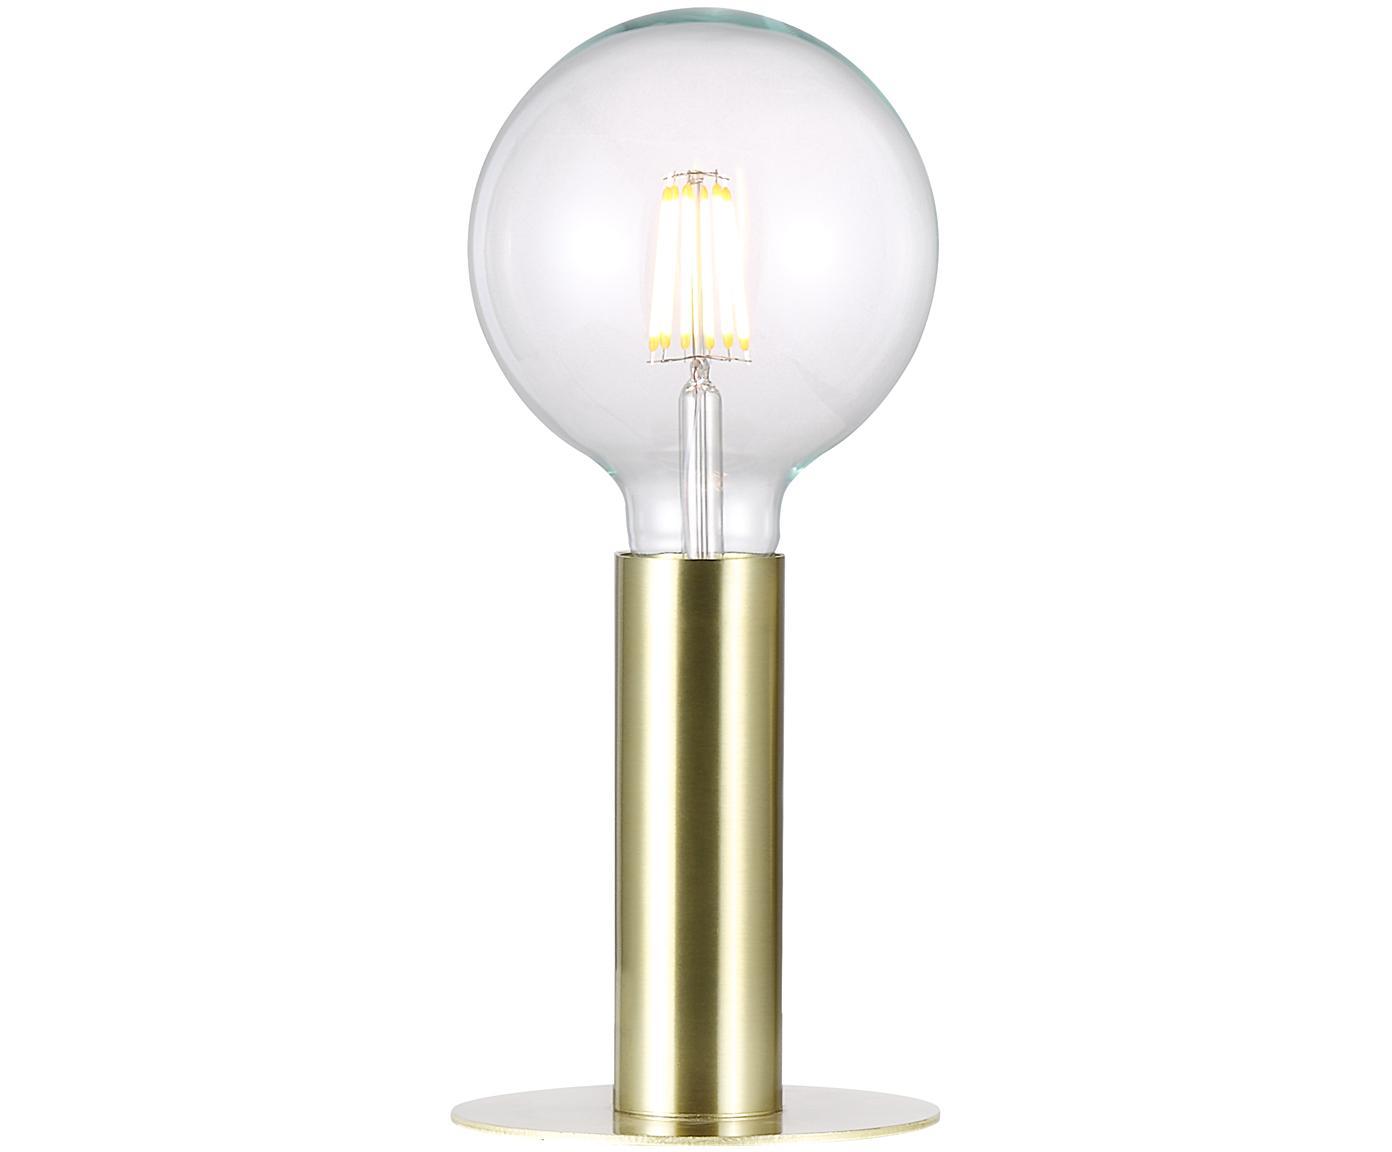 Lámpara de mesa de latón Dean, Latón, Latón, Ø 13 x Al 15 cm